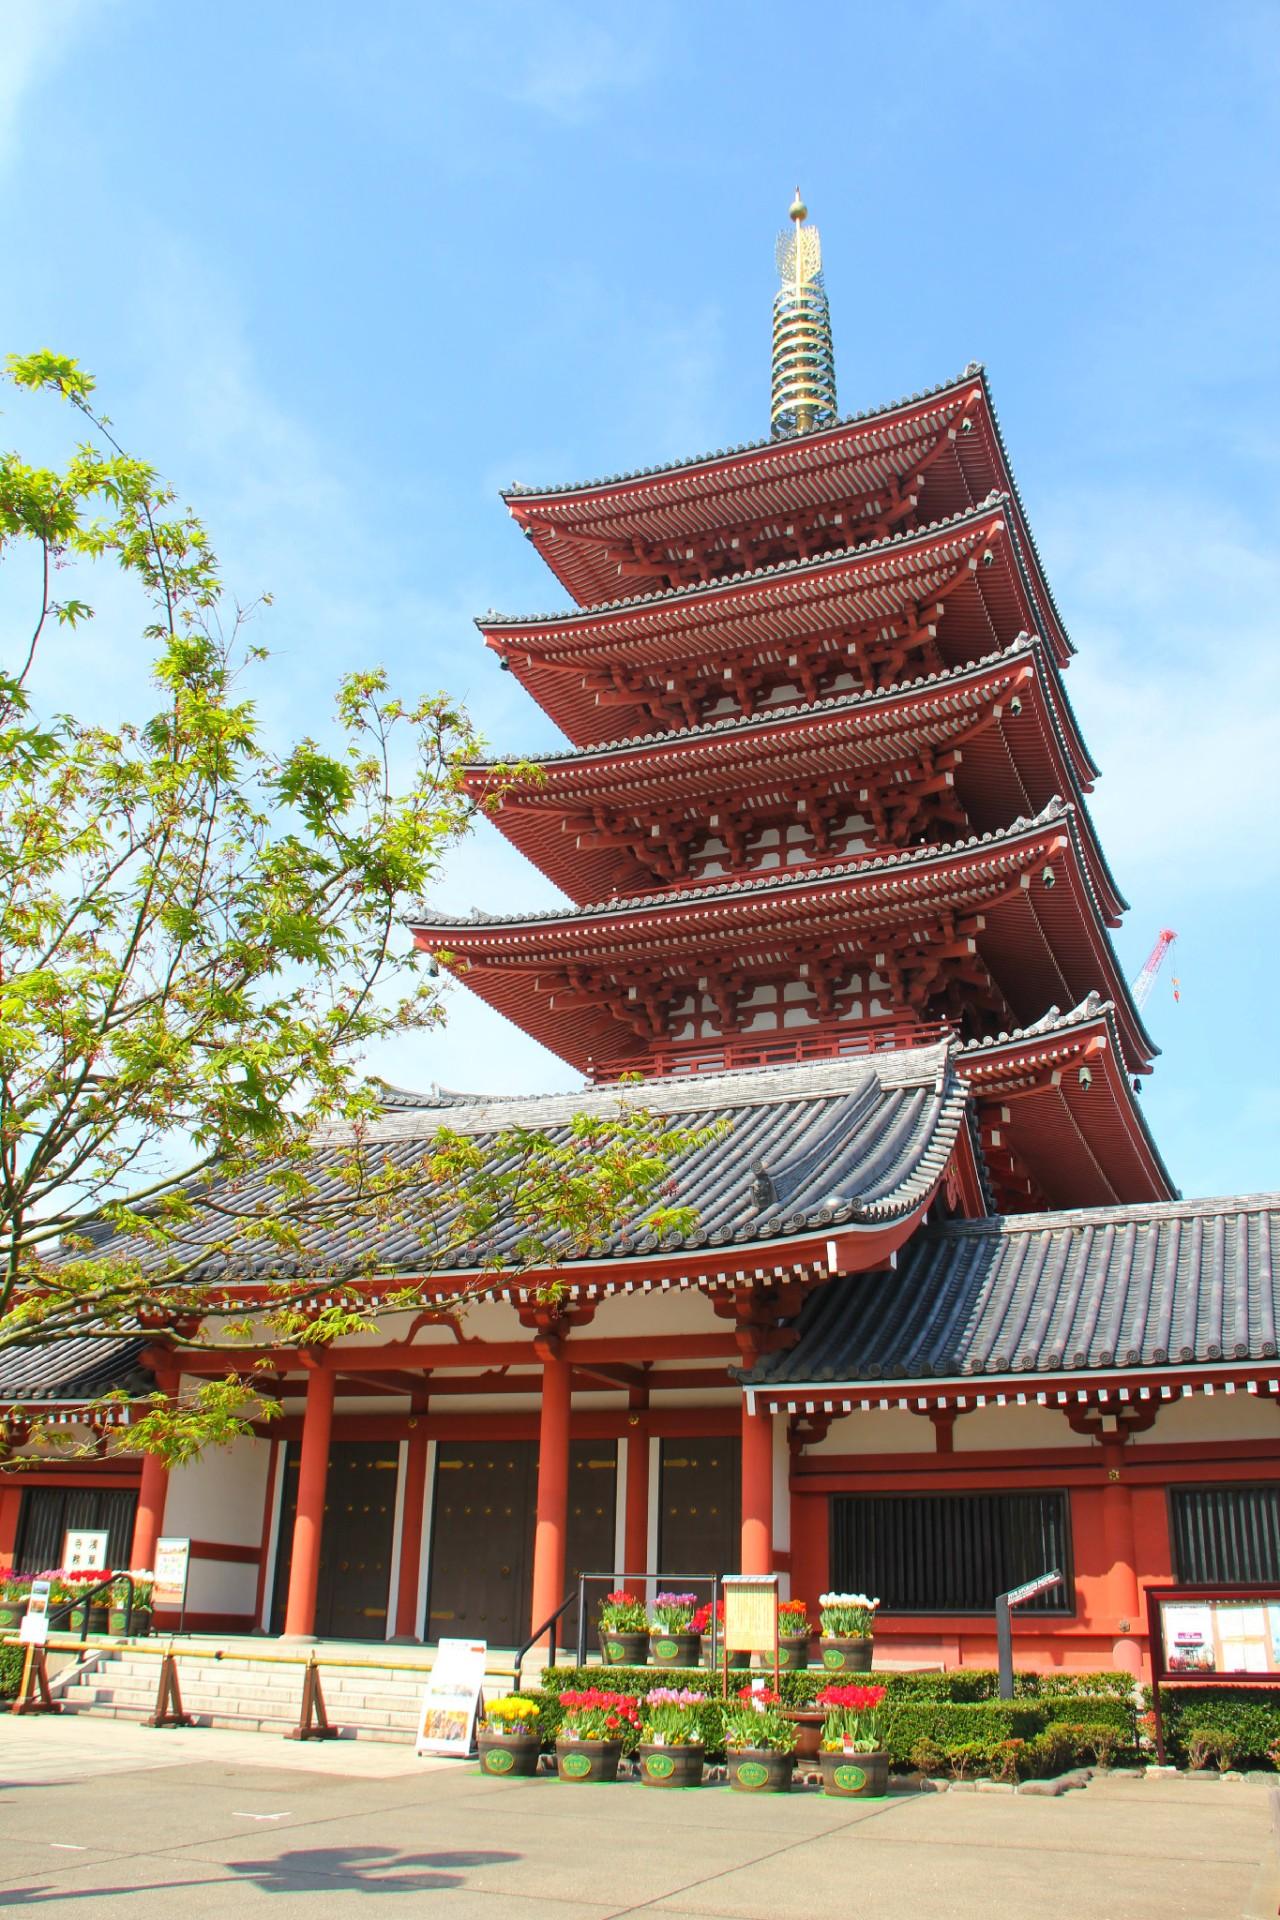 Japon: 5 incontournables àTokyo